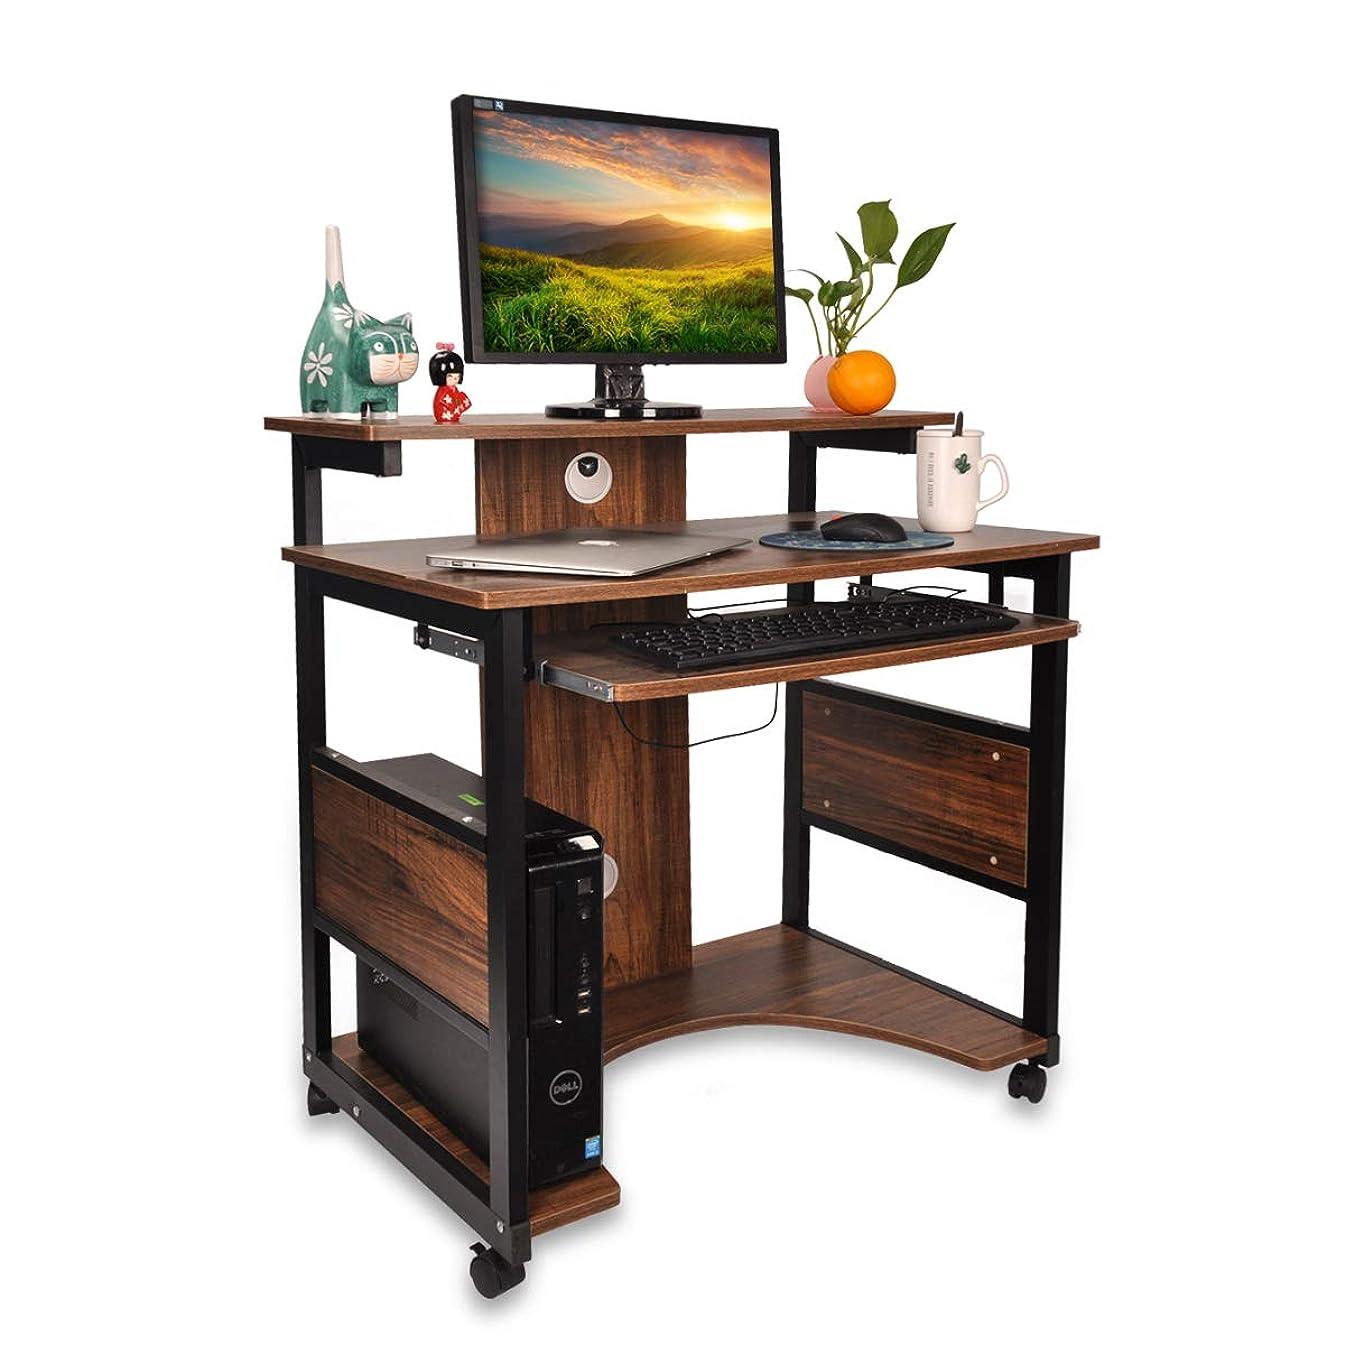 構造パーセント有名DEWEL パソコンデスク pcデスク パソコン 机 デスク 木製 テーブル ワークデスク学習机 スリム キャスター付き 80cm*50cm*87cm